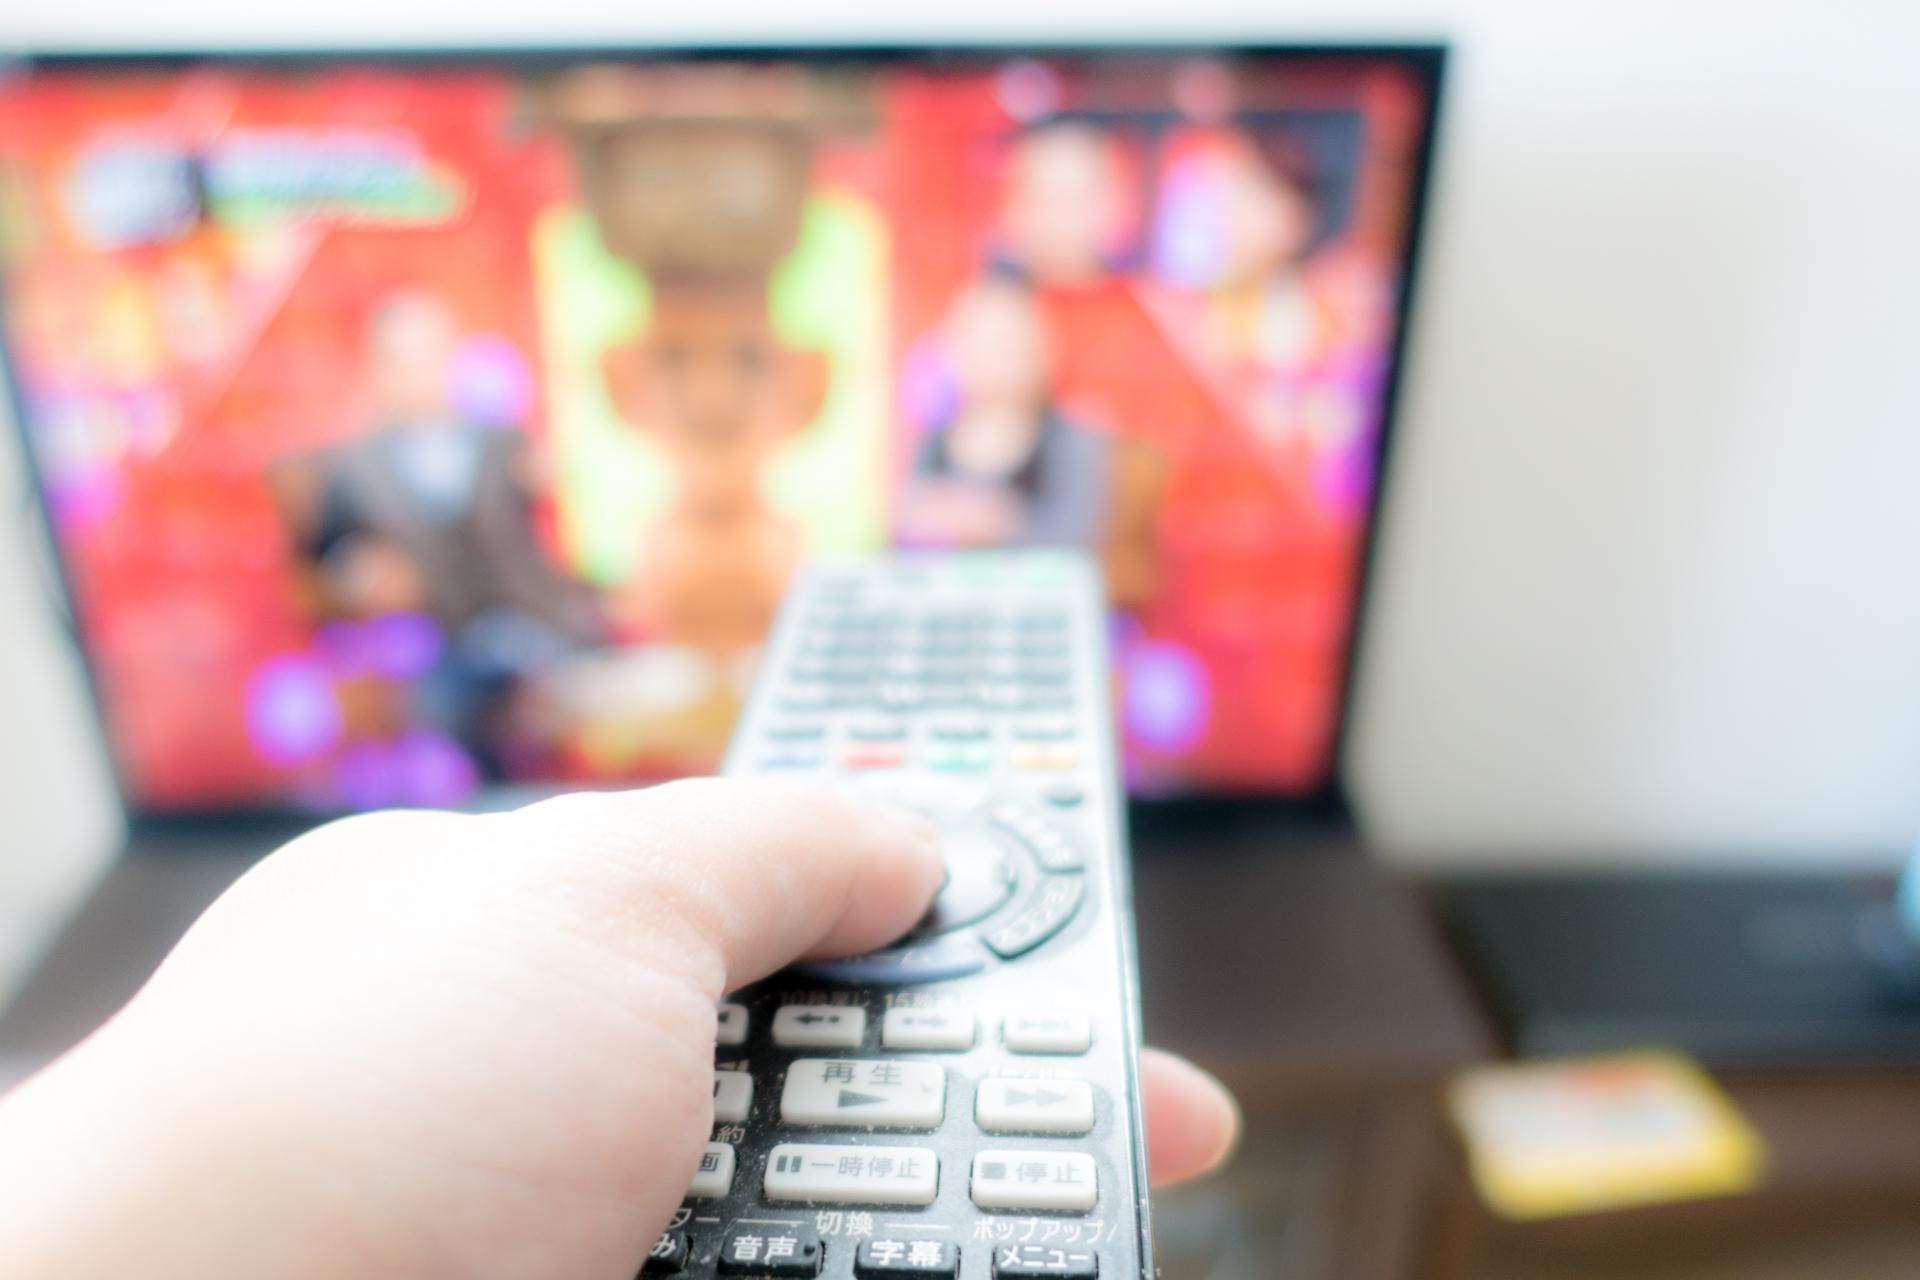 大画面の液晶テレビ